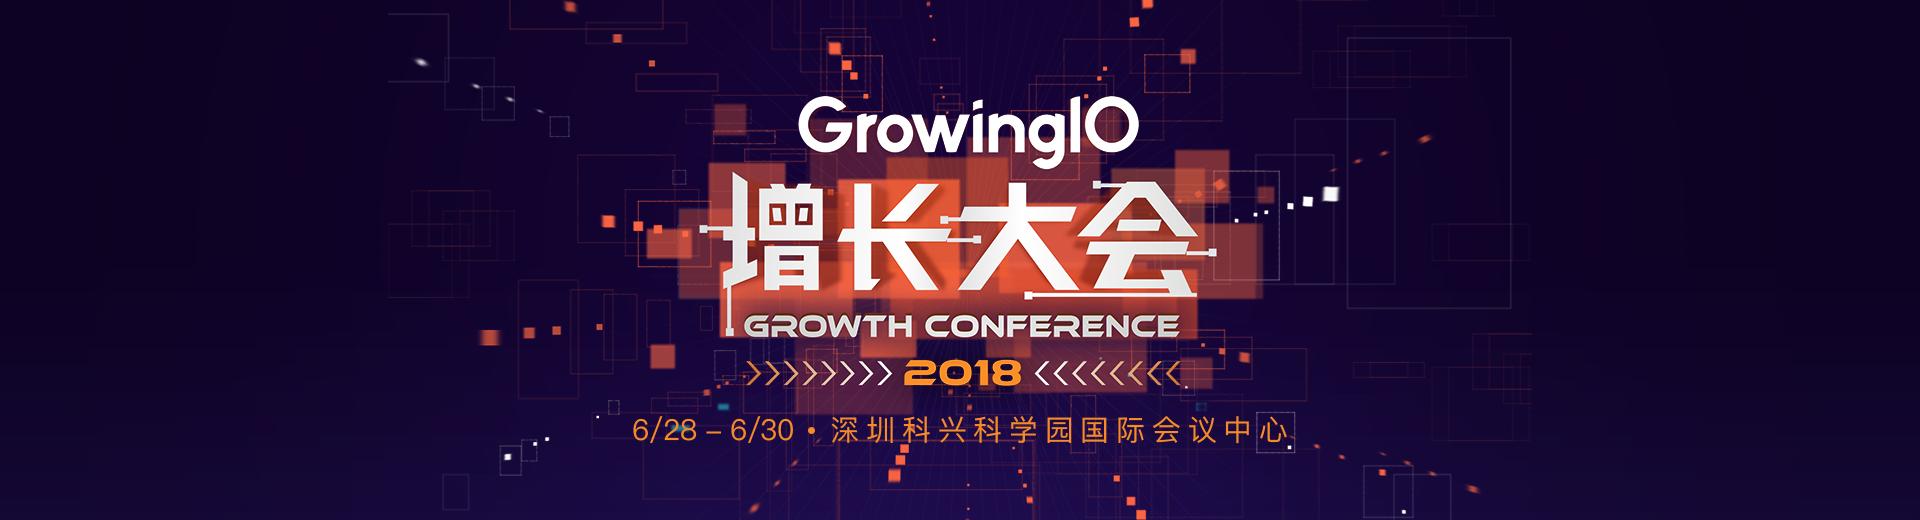 GrowingIO 2018 增长大会深圳站 - 成为下一位首席增长官